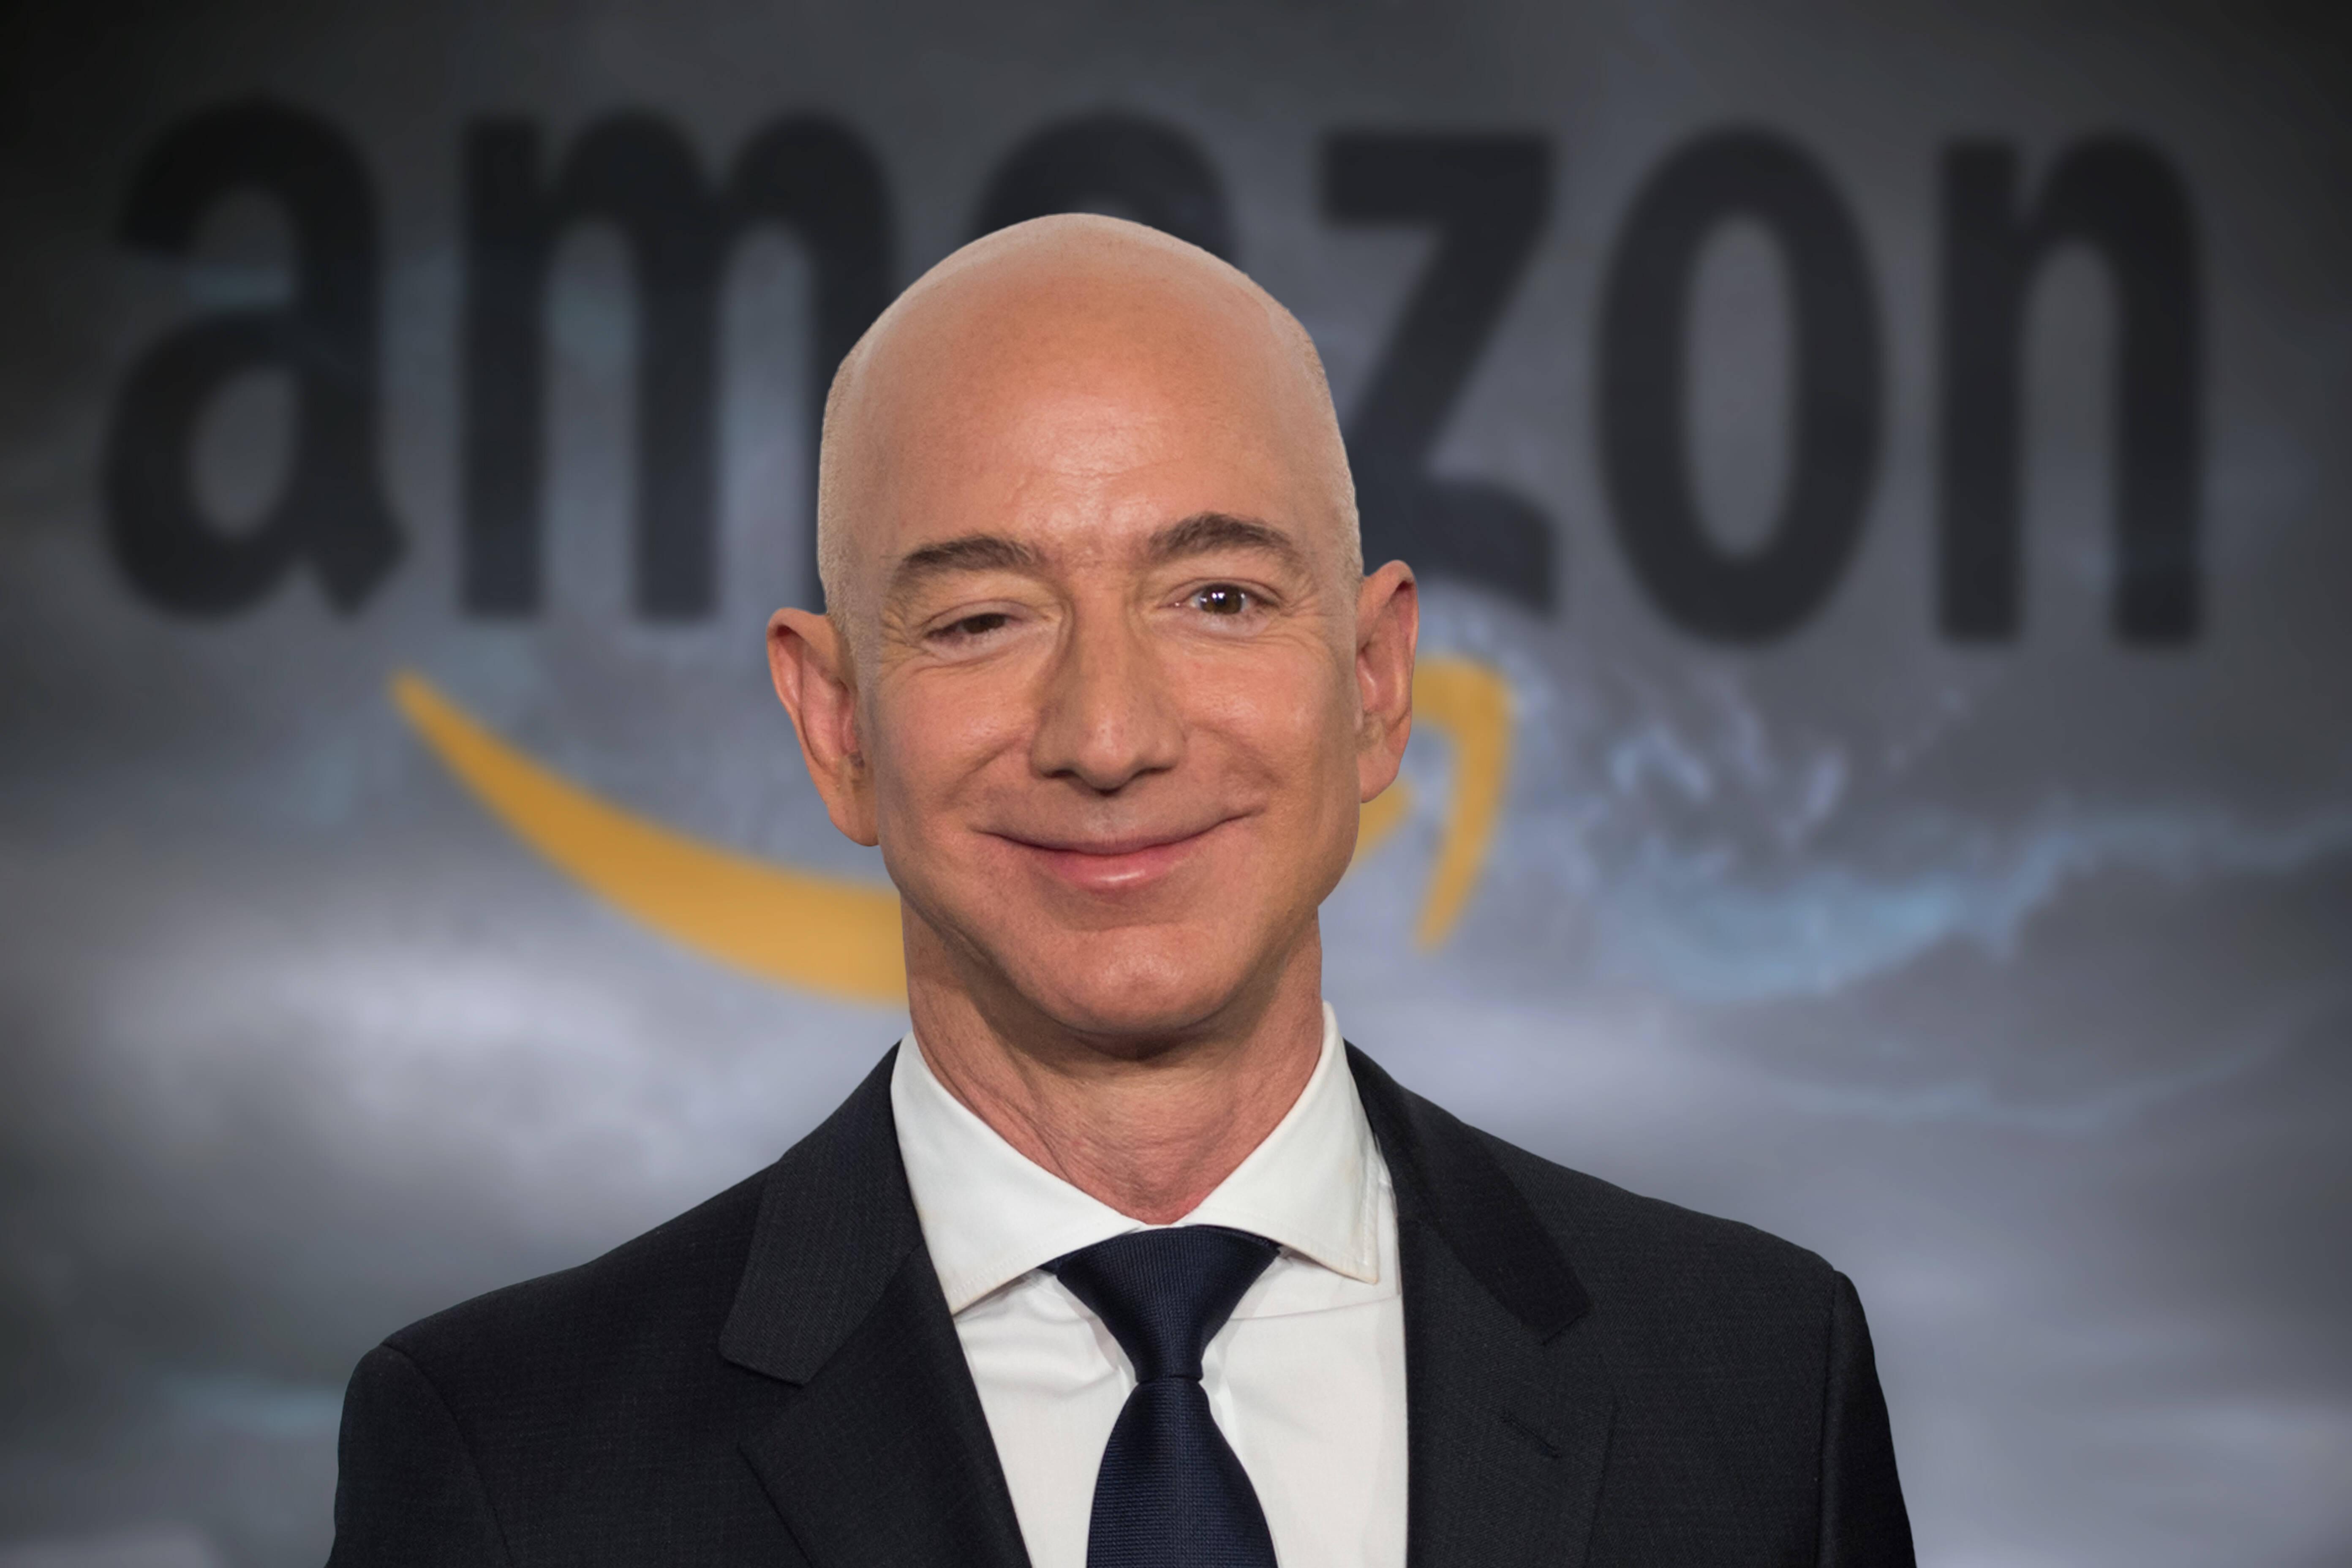 Das steht im Bezos' Abschiedsbrief